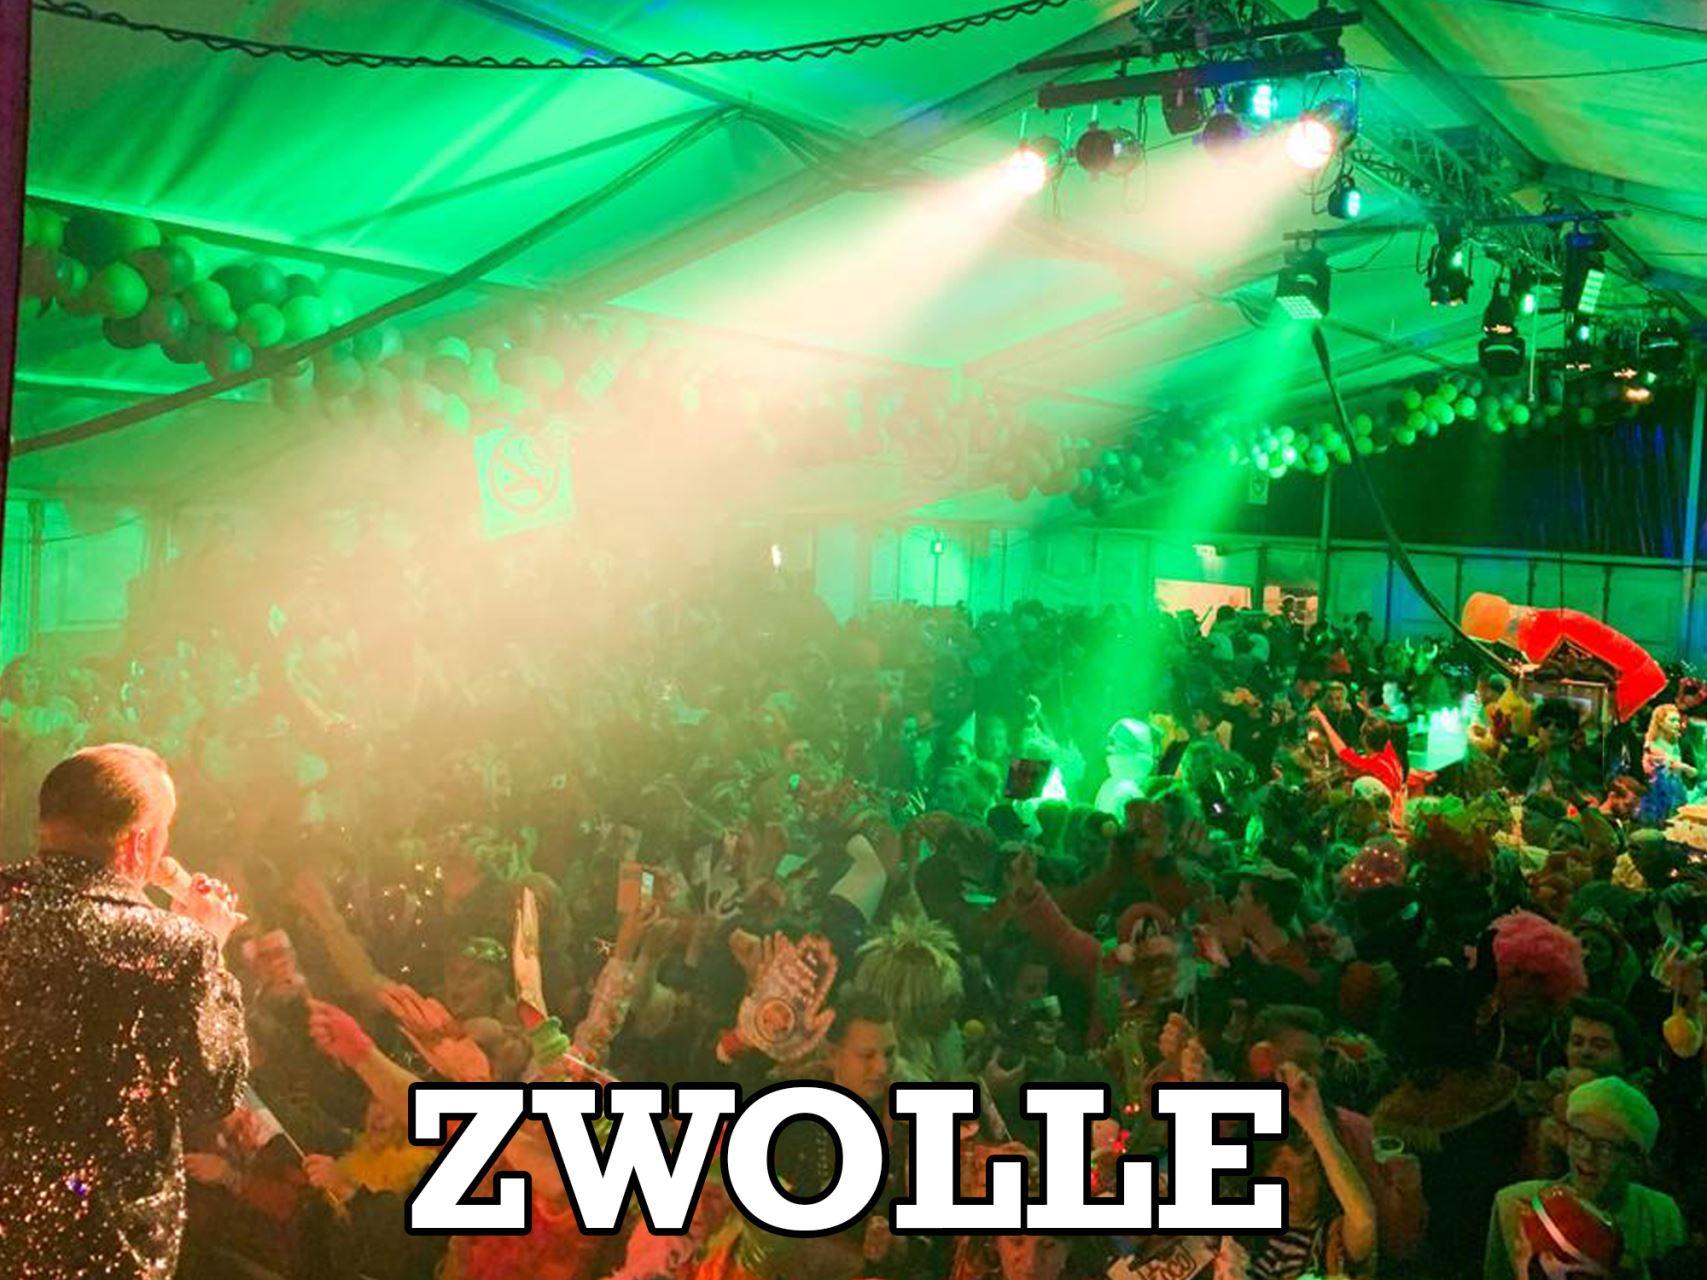 Ronnie_Ruysdael_Zwolle